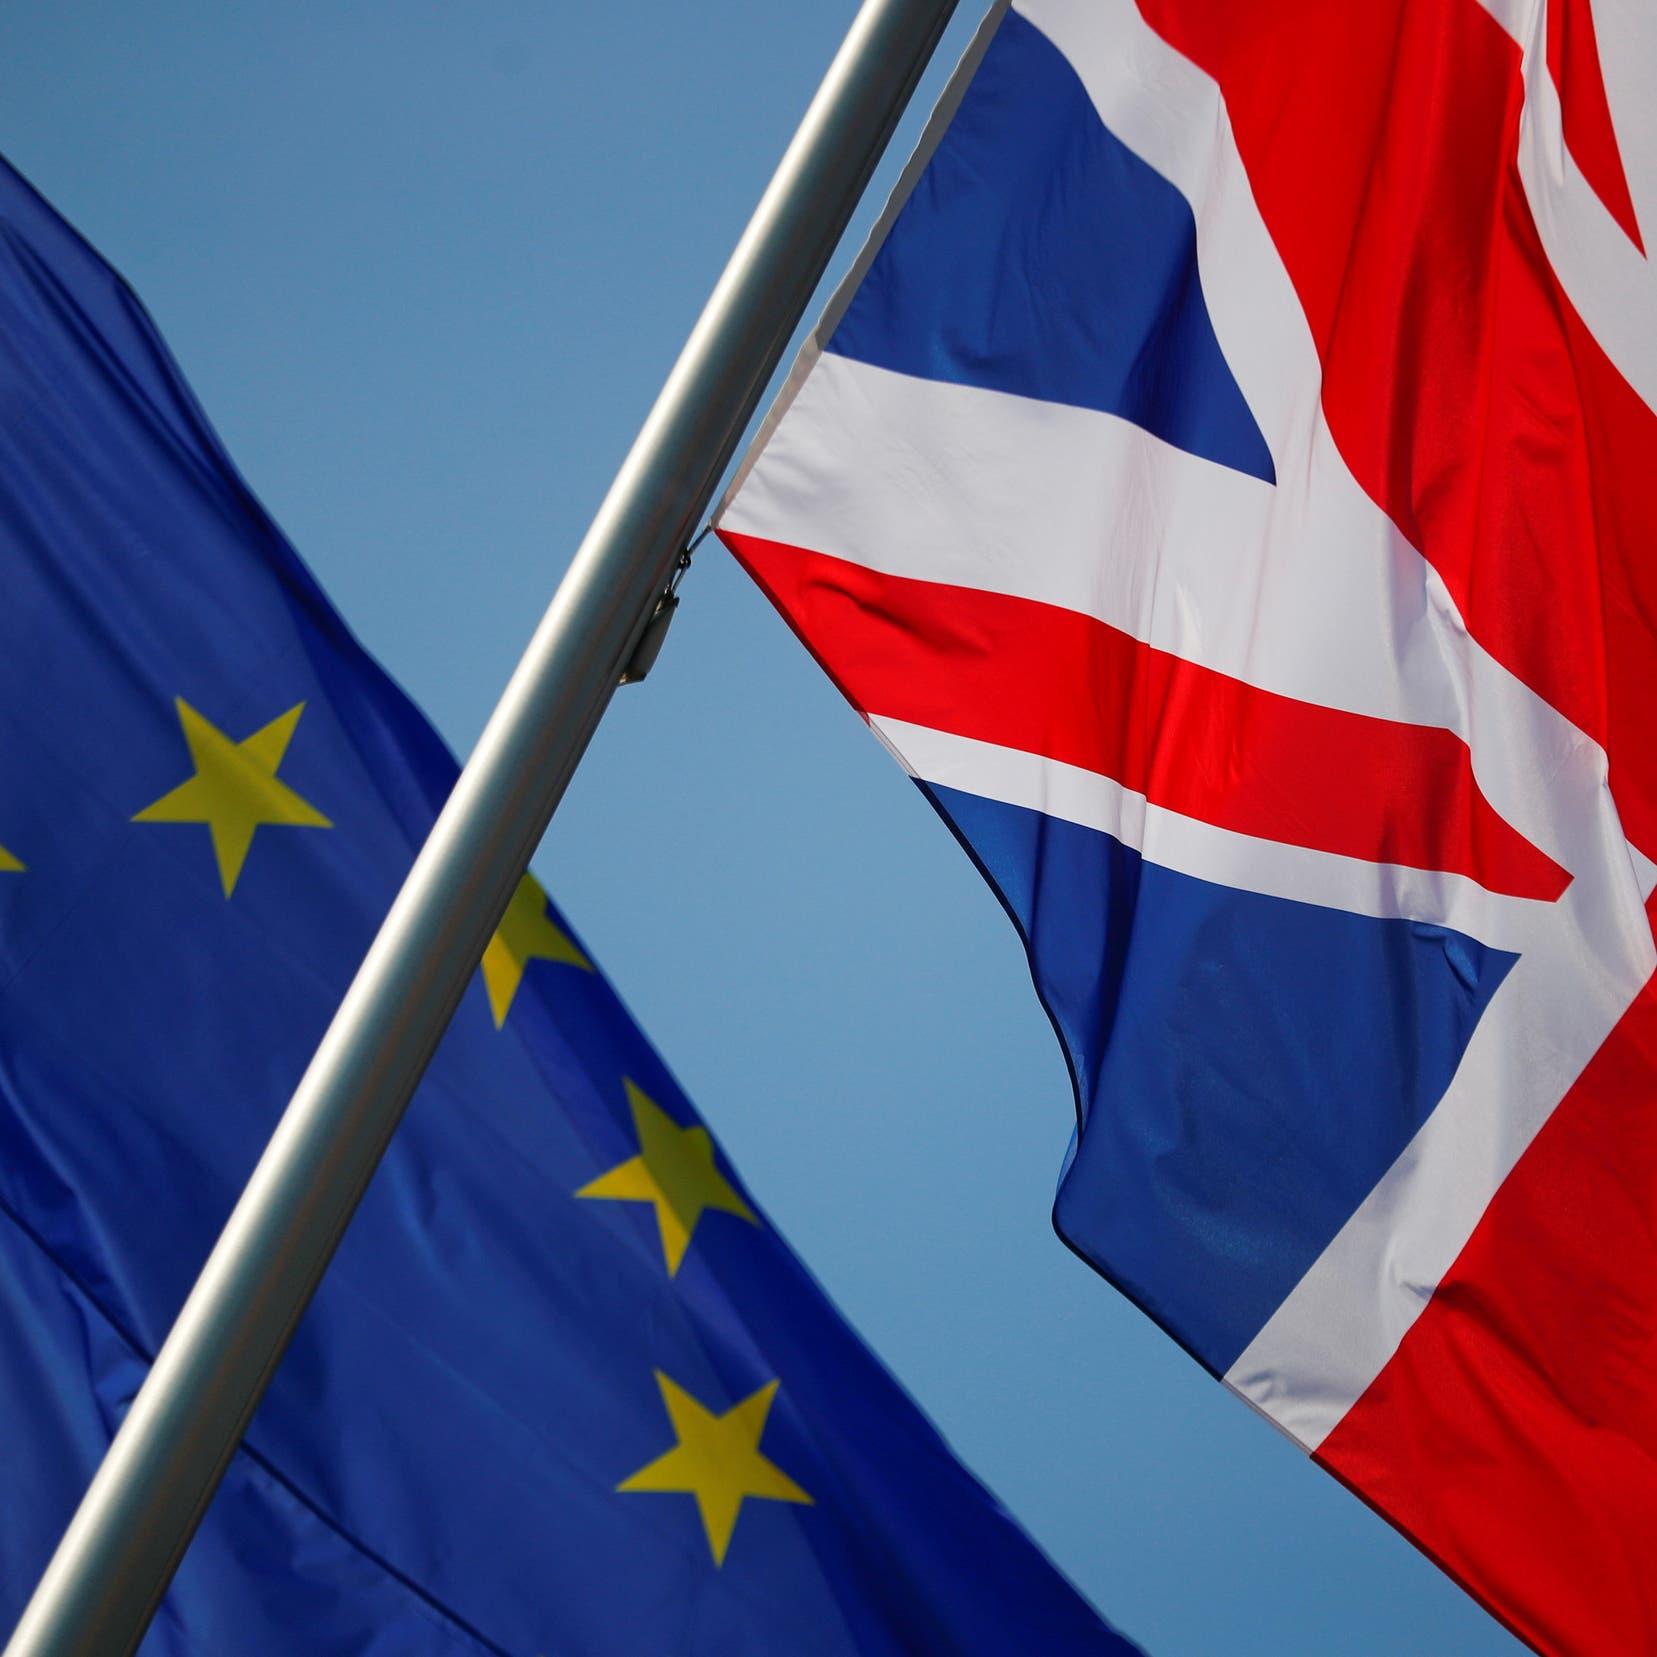 بريطانيا: لا تغيير في موقفنا من المحادثات مع الاتحاد الأوروبي